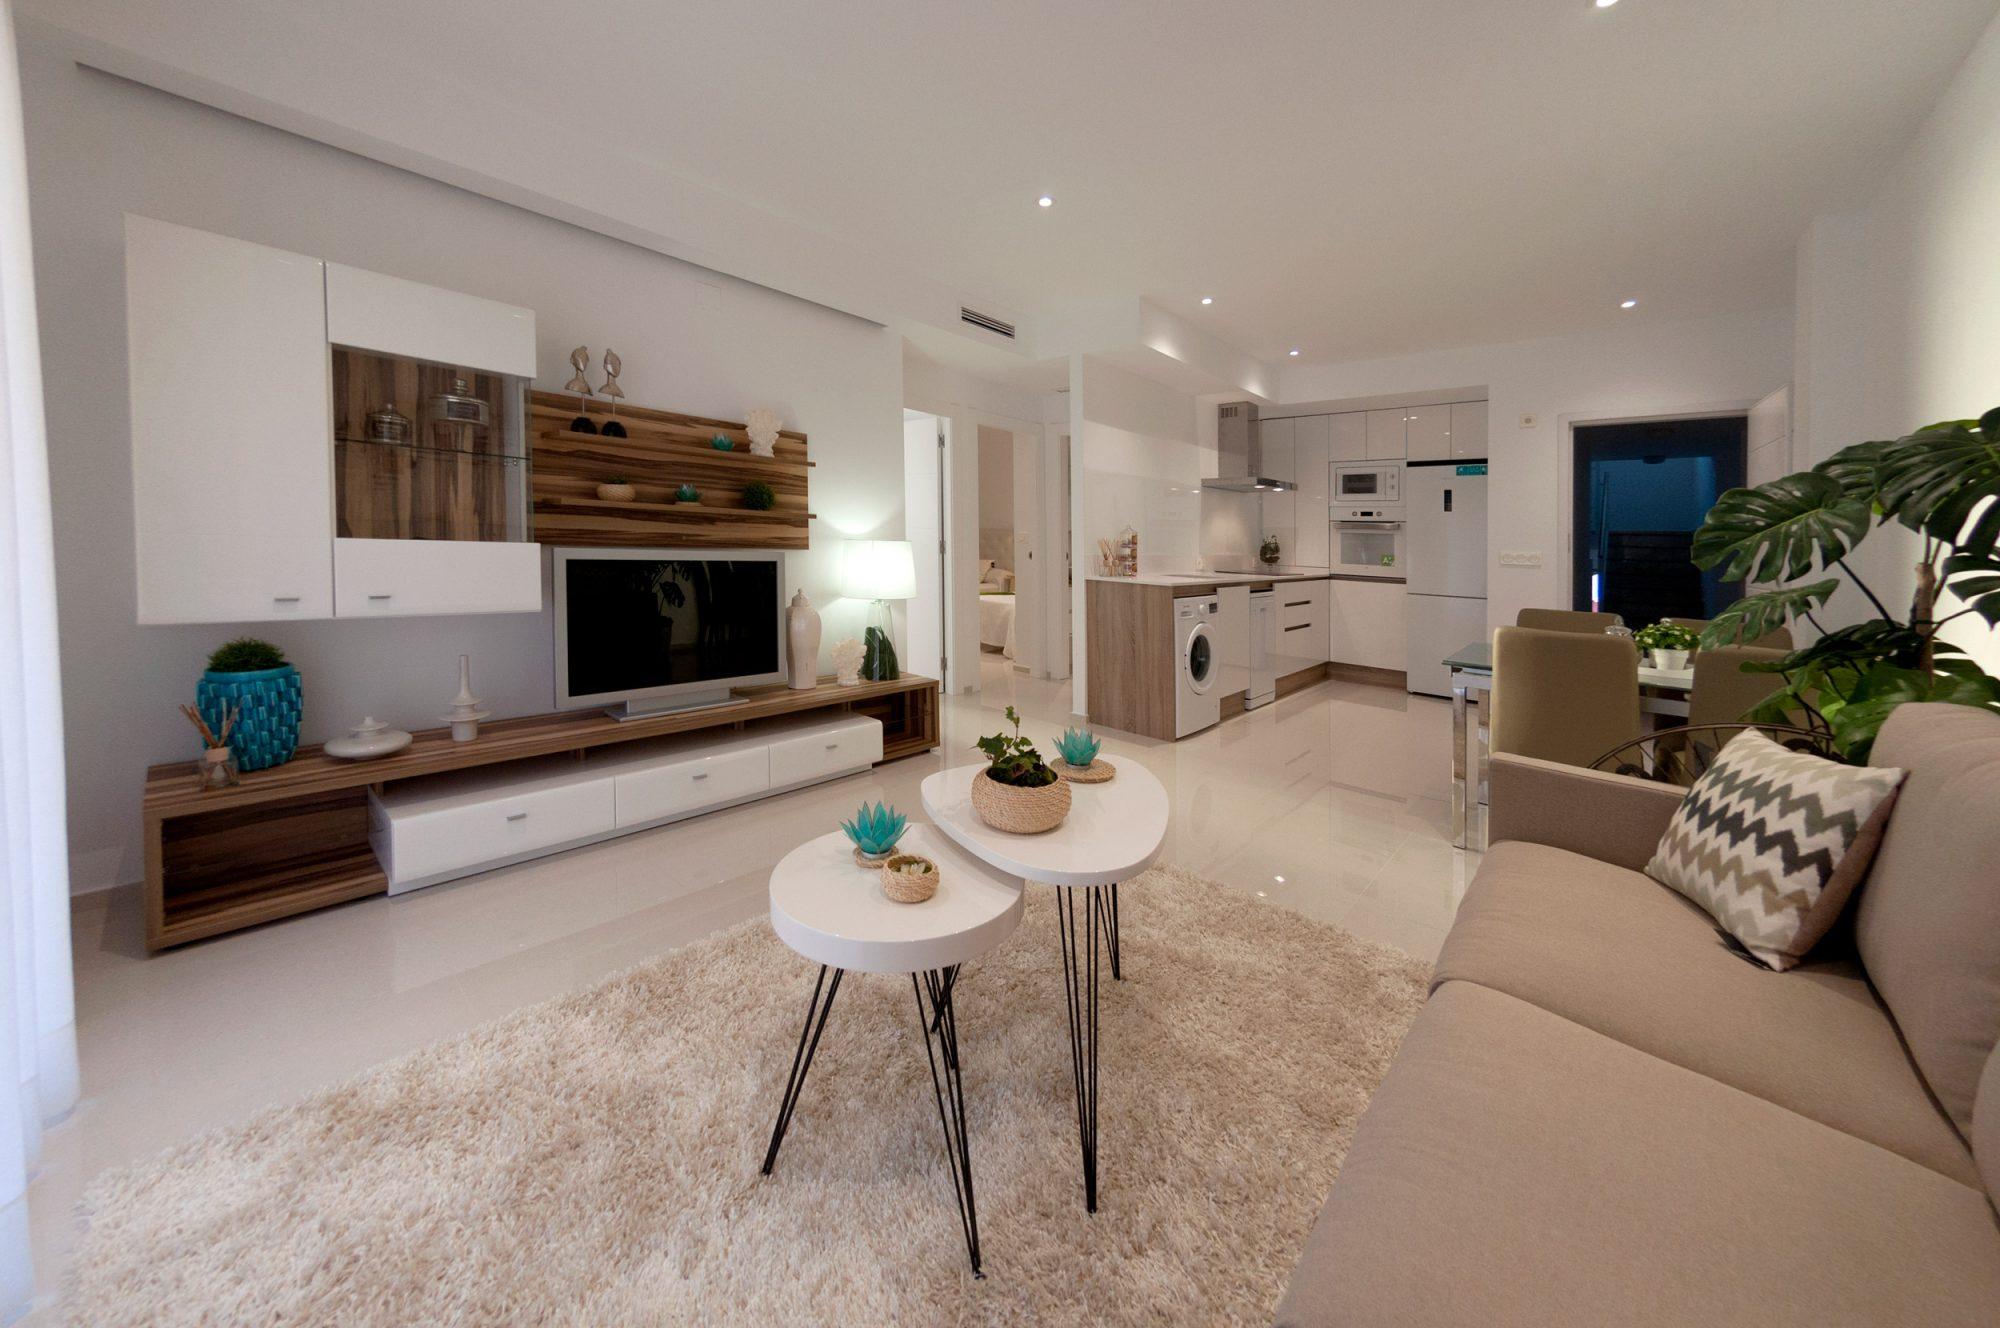 3 pièces Appartement   79 m²